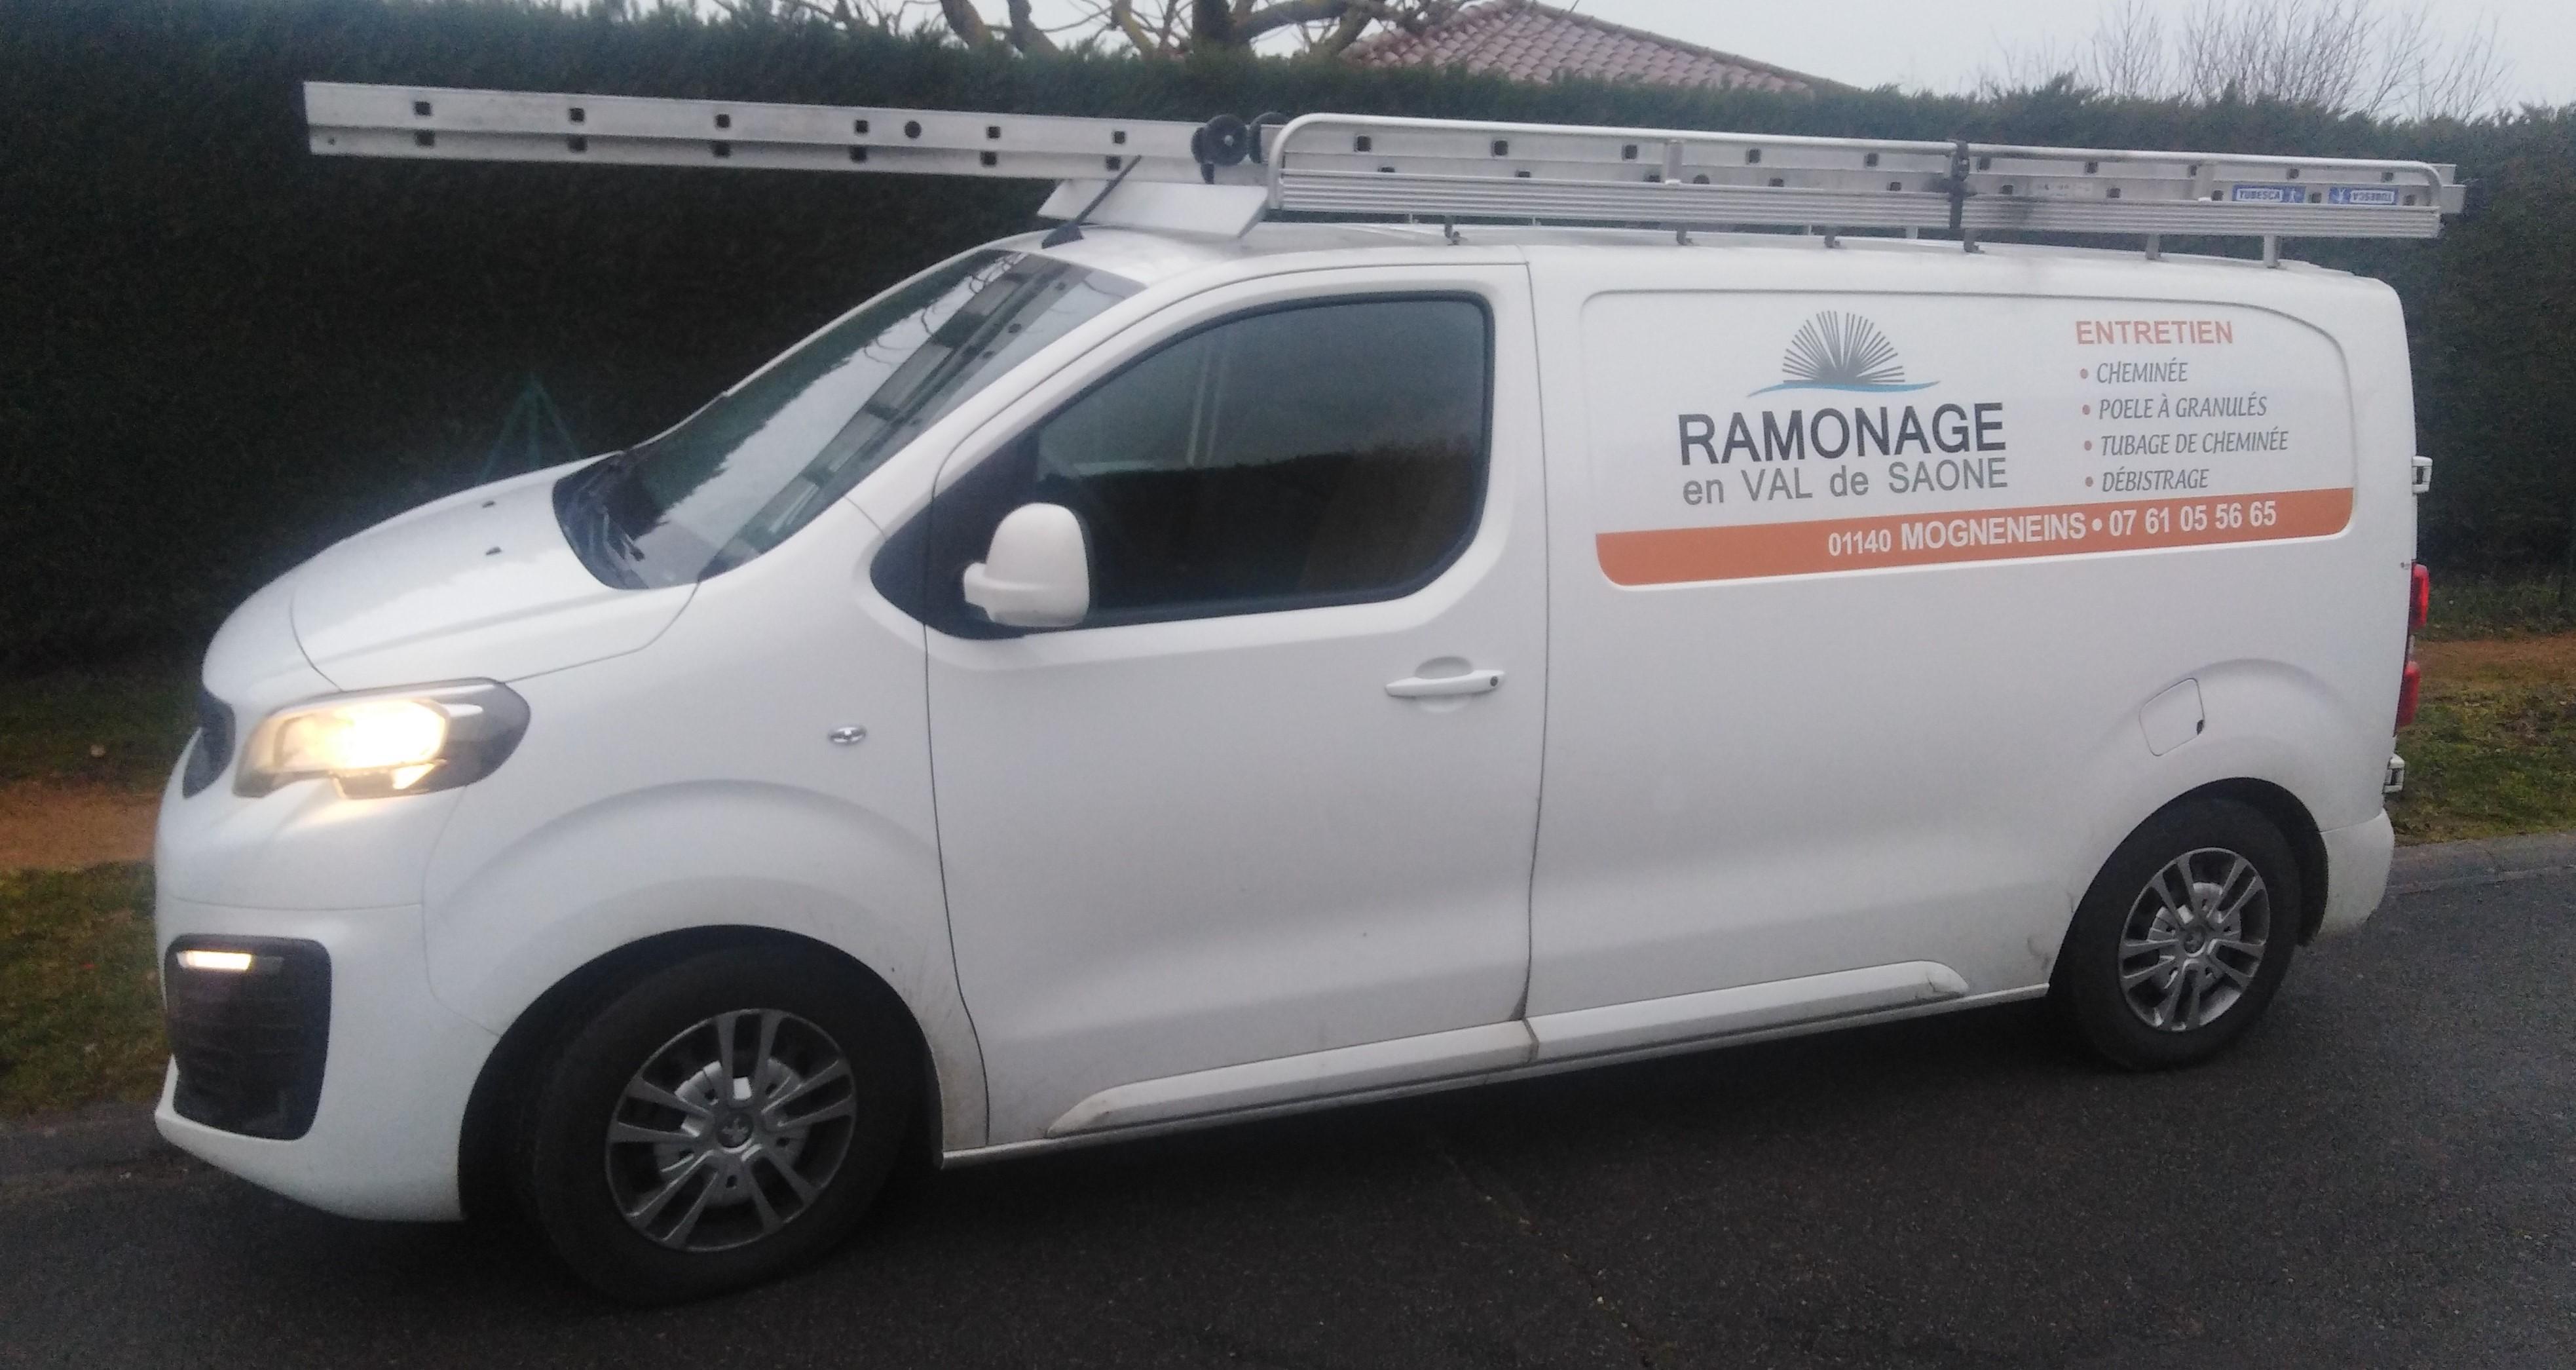 RAMONAGE EN VAL DE SAONE